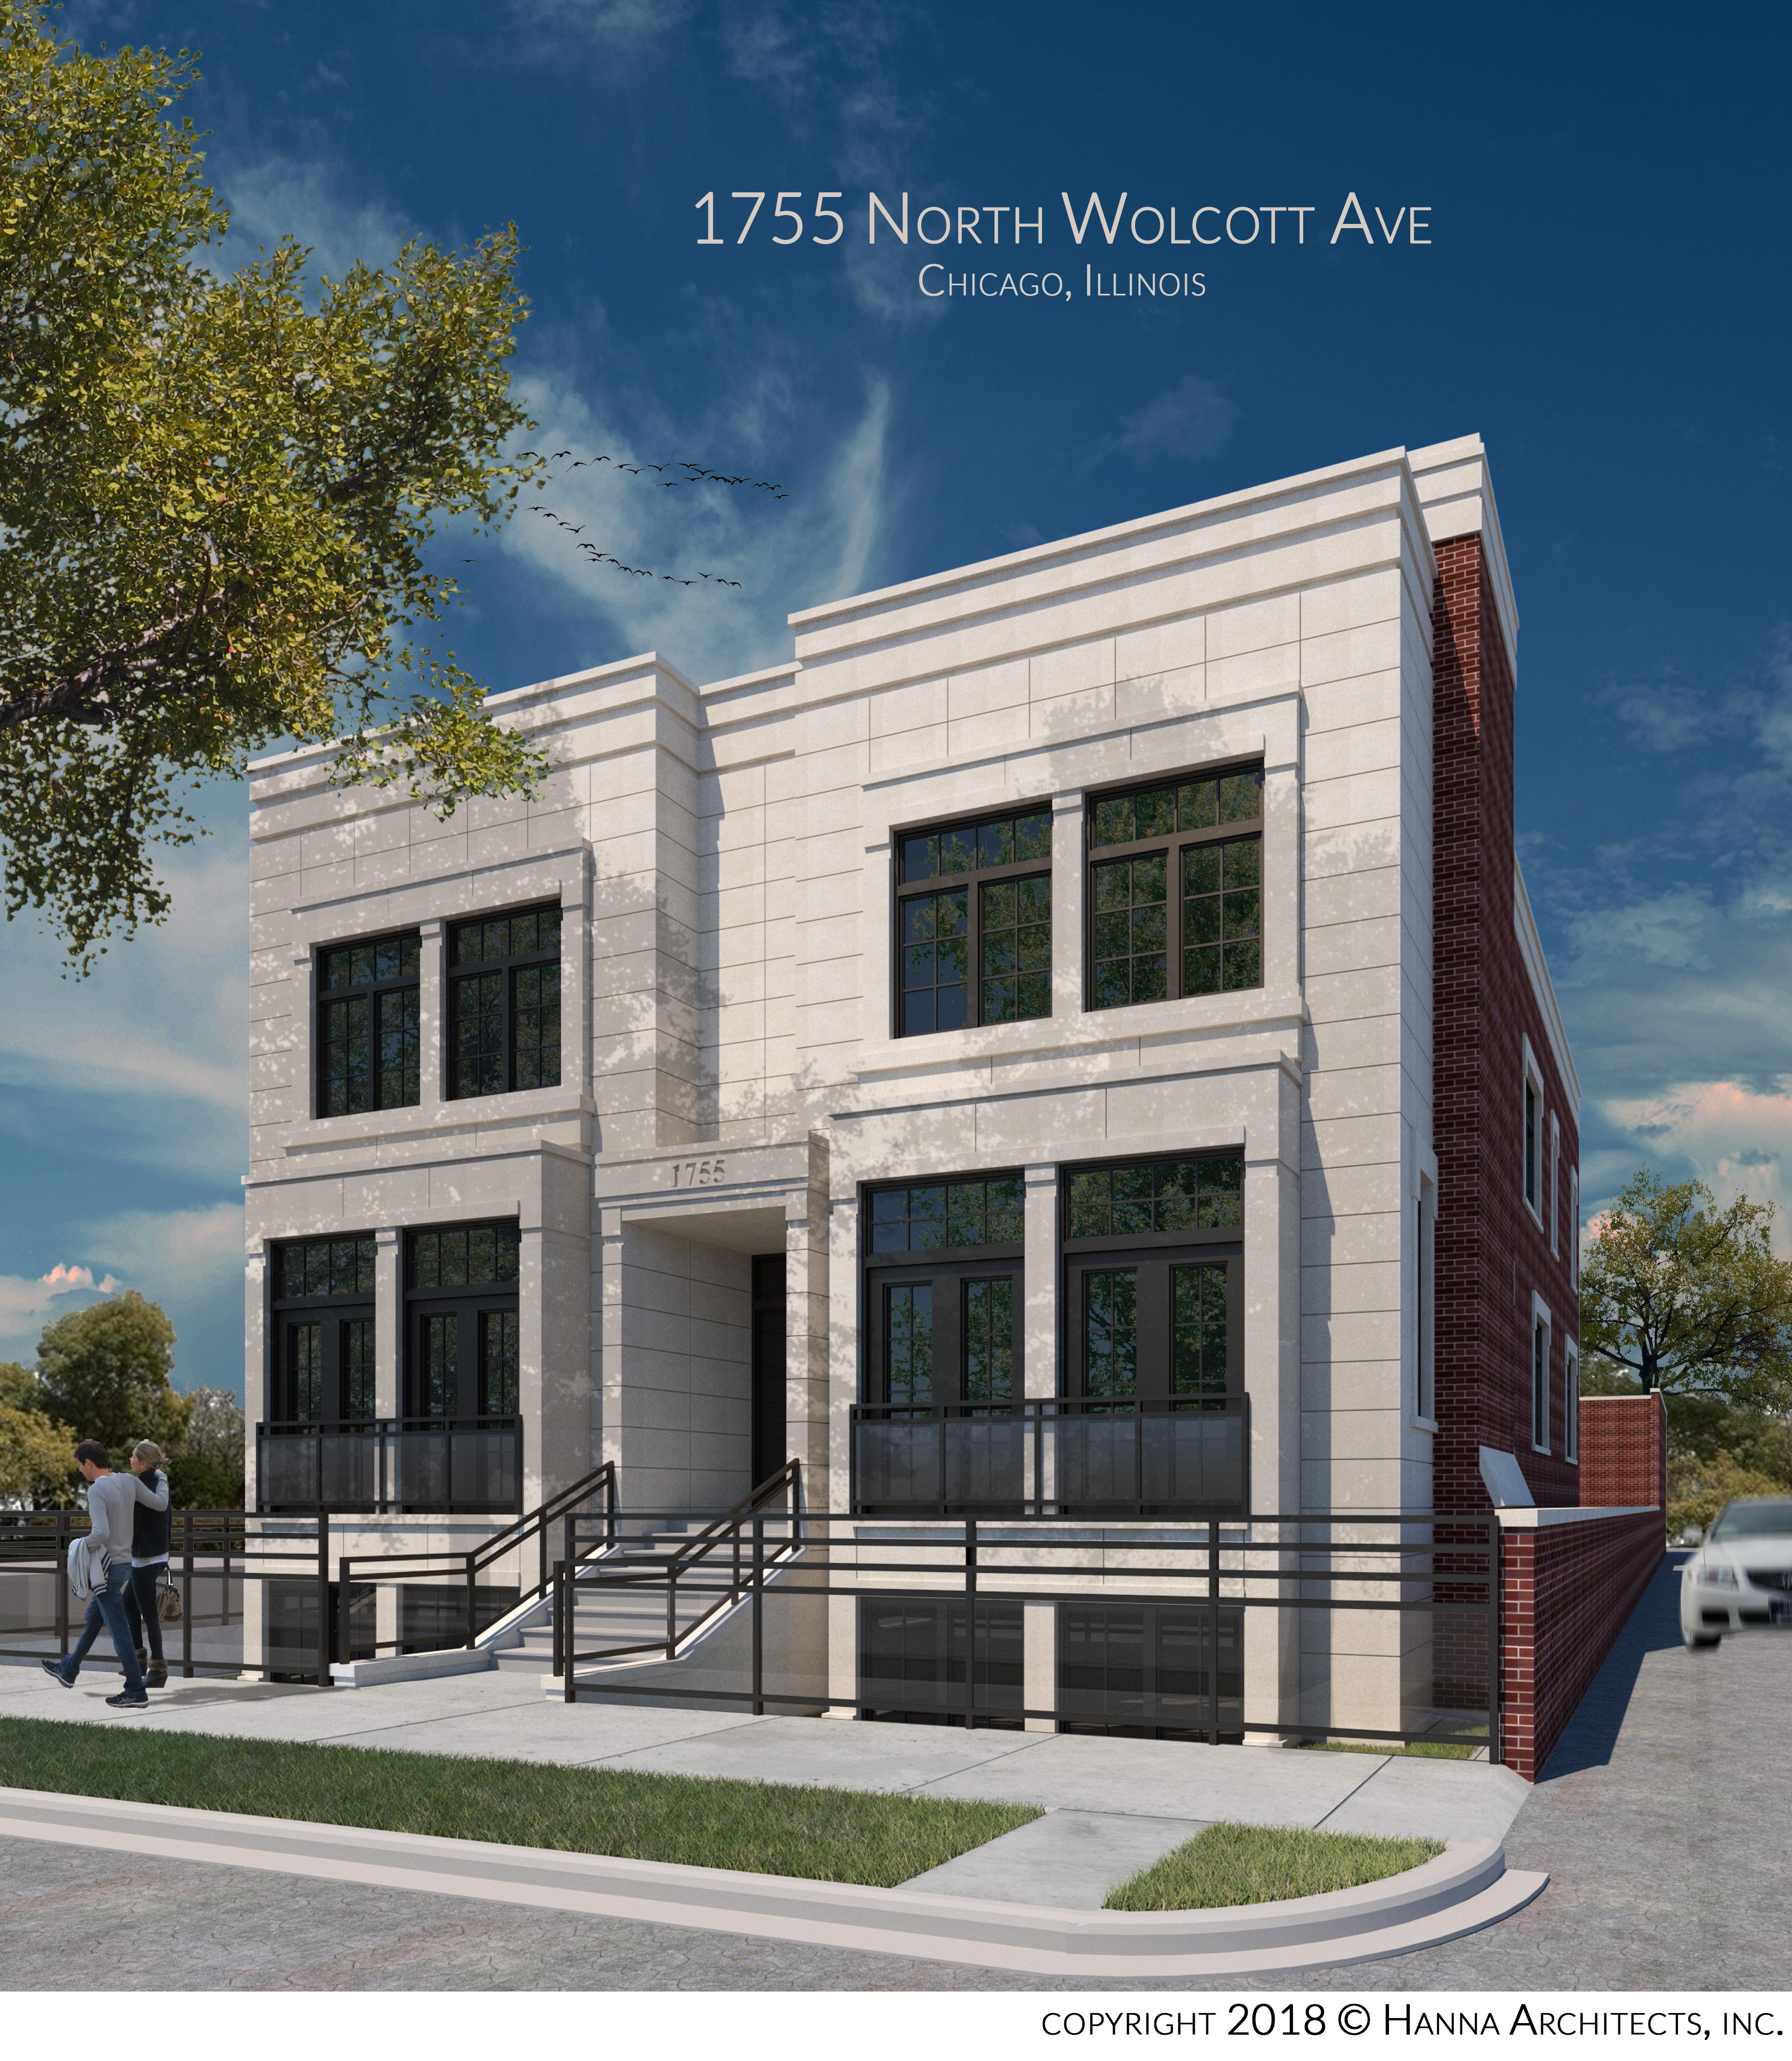 1755 N. Wolcott Ave